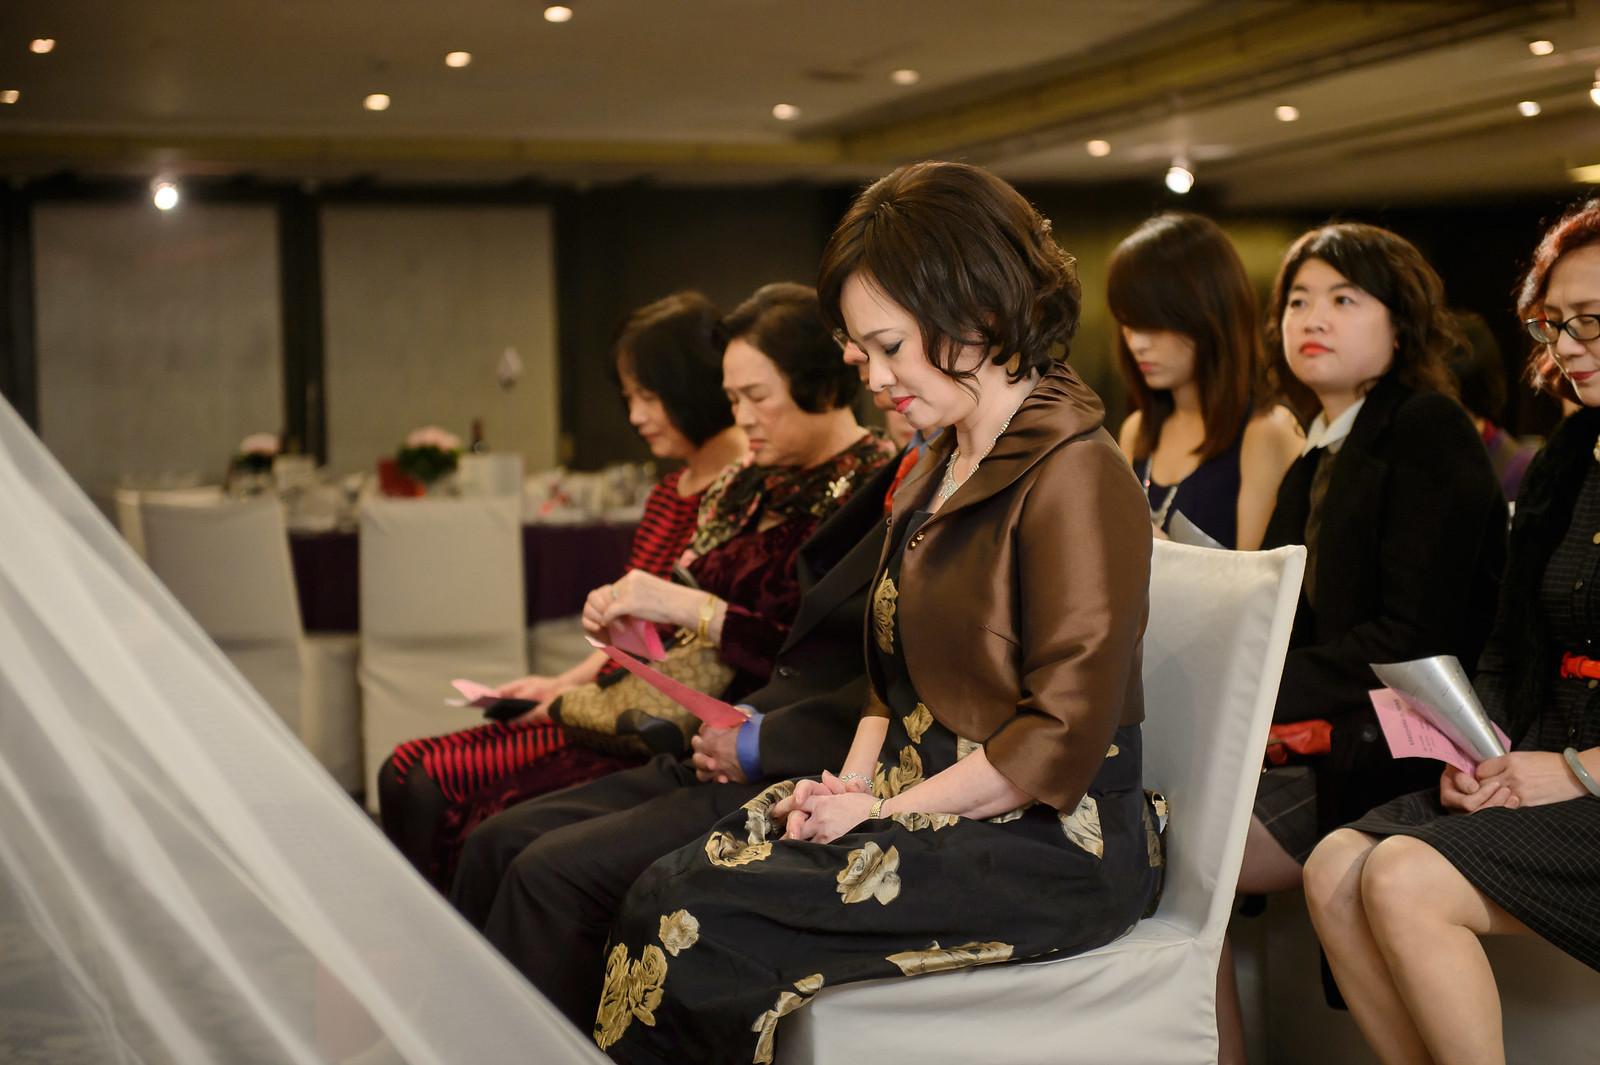 台北婚攝, 婚禮攝影, 婚攝, 婚攝守恆, 婚攝推薦, 晶華酒店, 晶華酒店婚宴, 晶華酒店婚攝-33